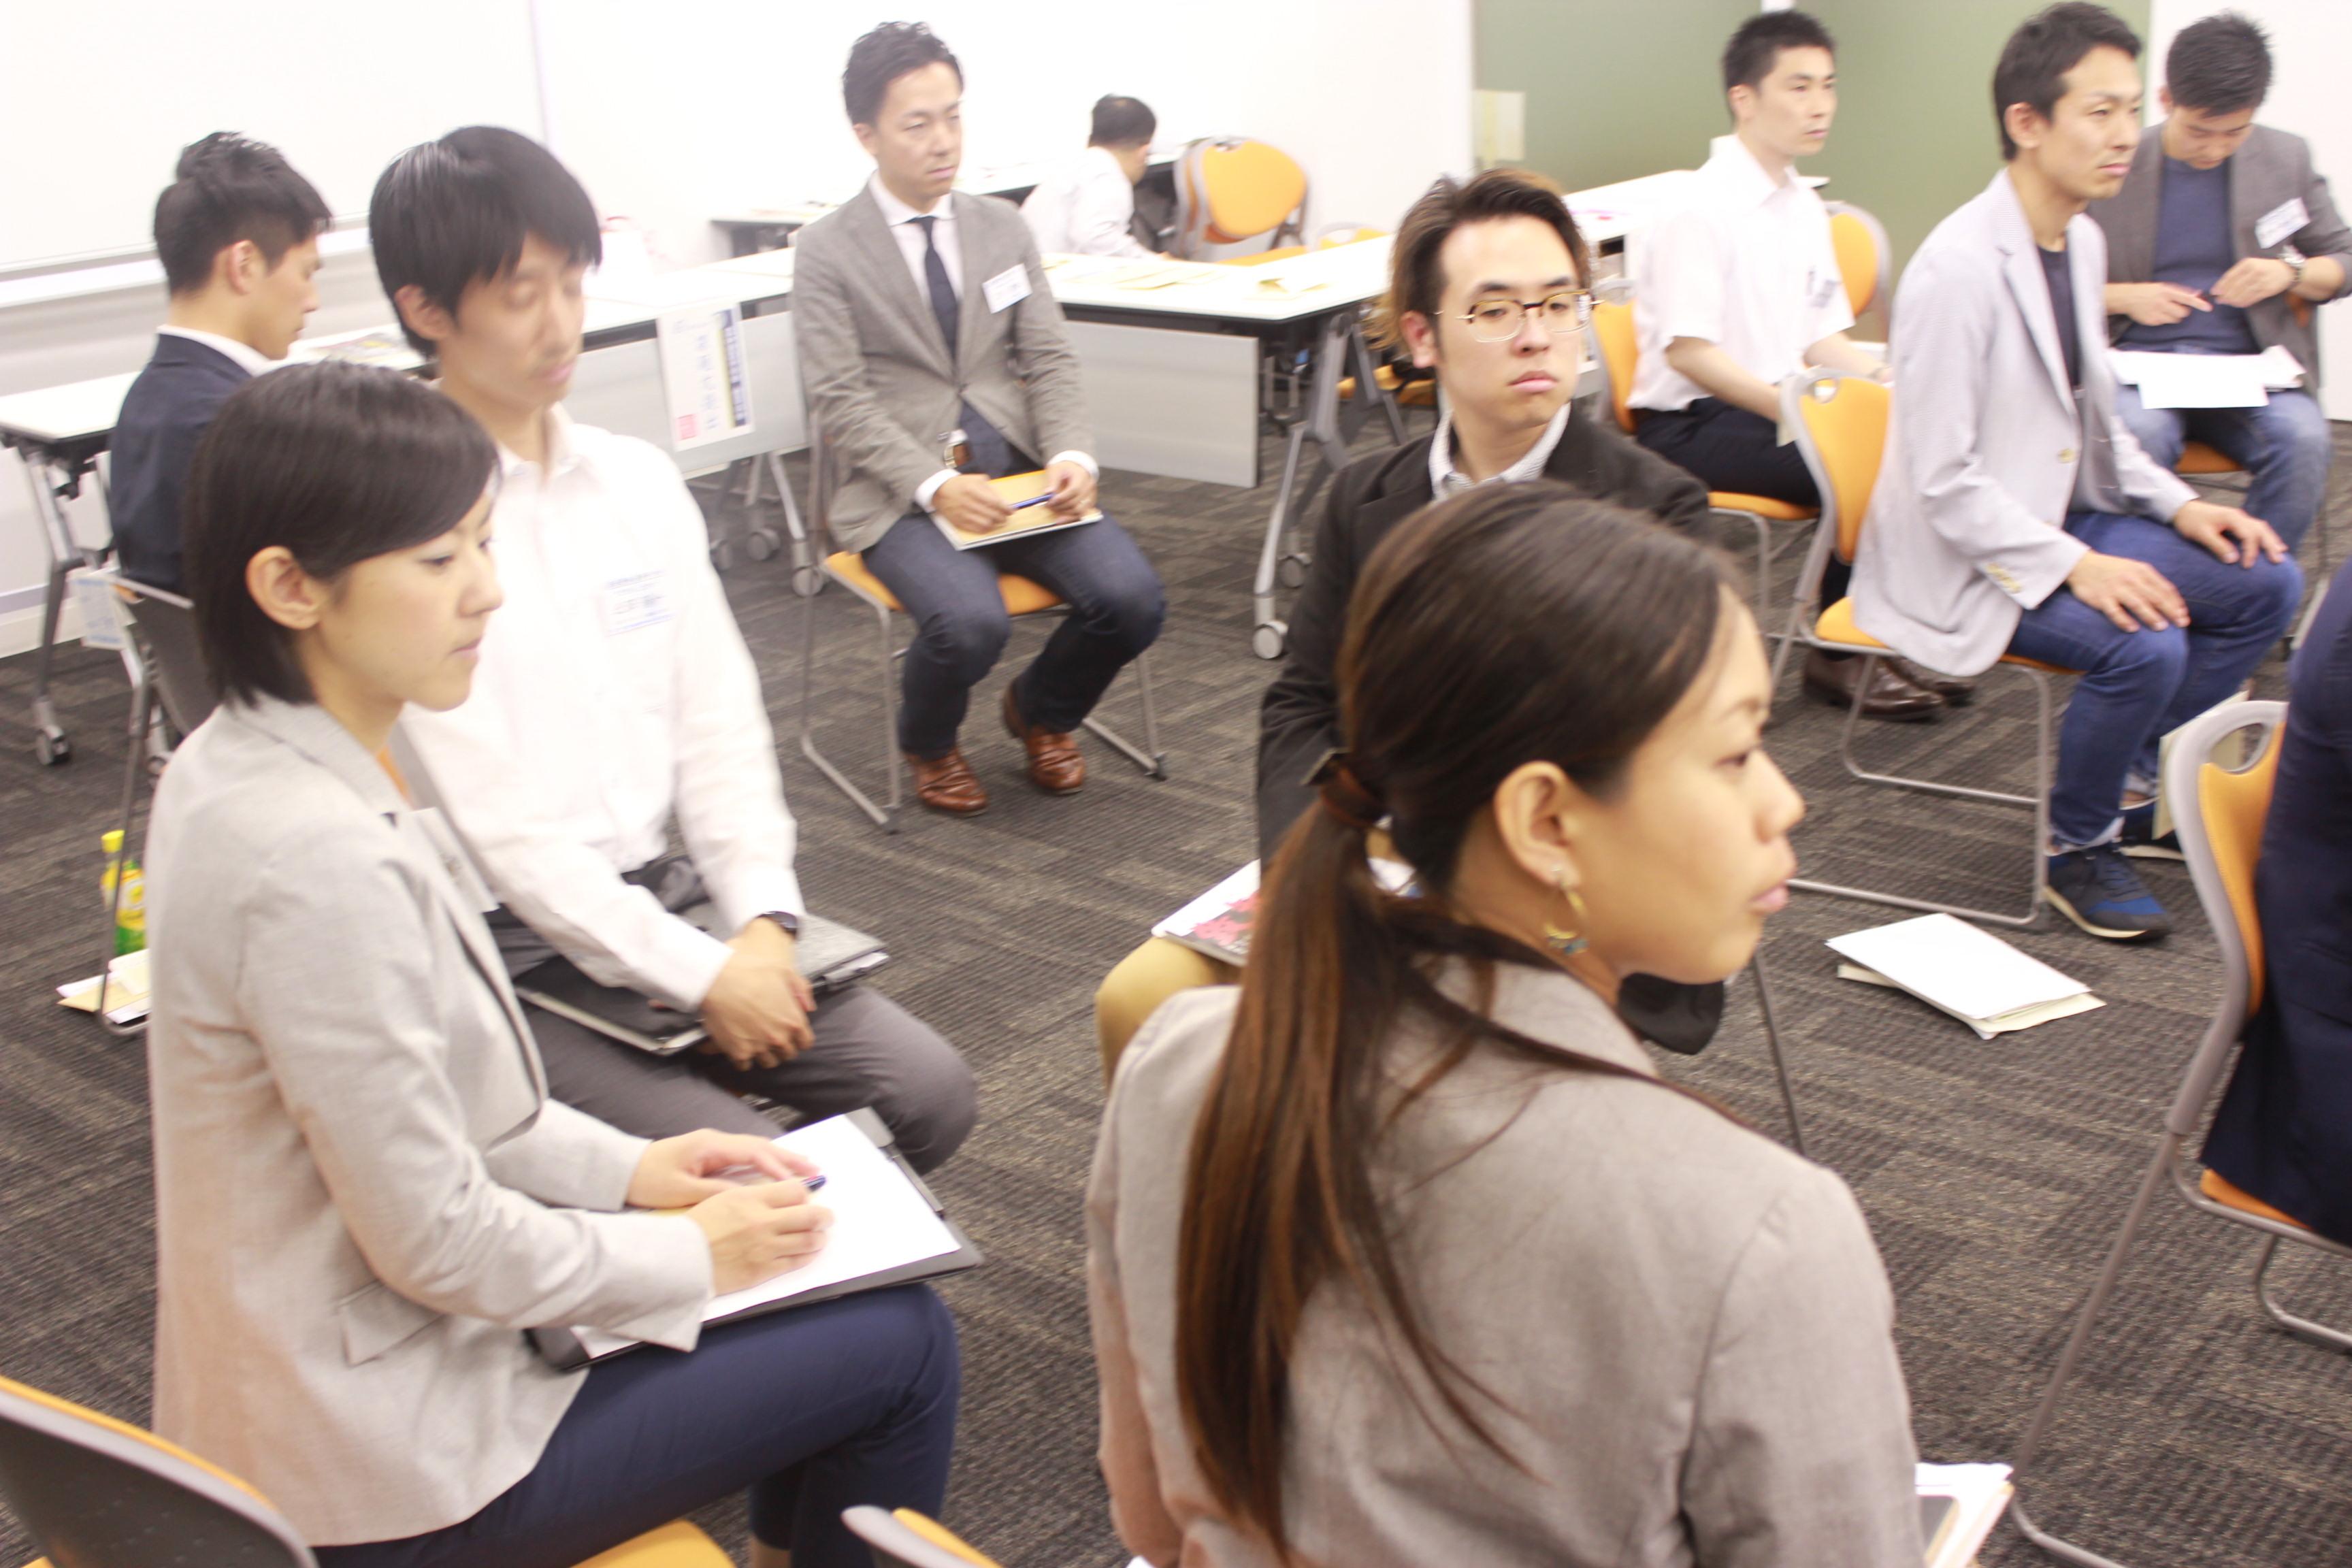 IMG 7776 - 関東若獅子の会、記念すべき第100回